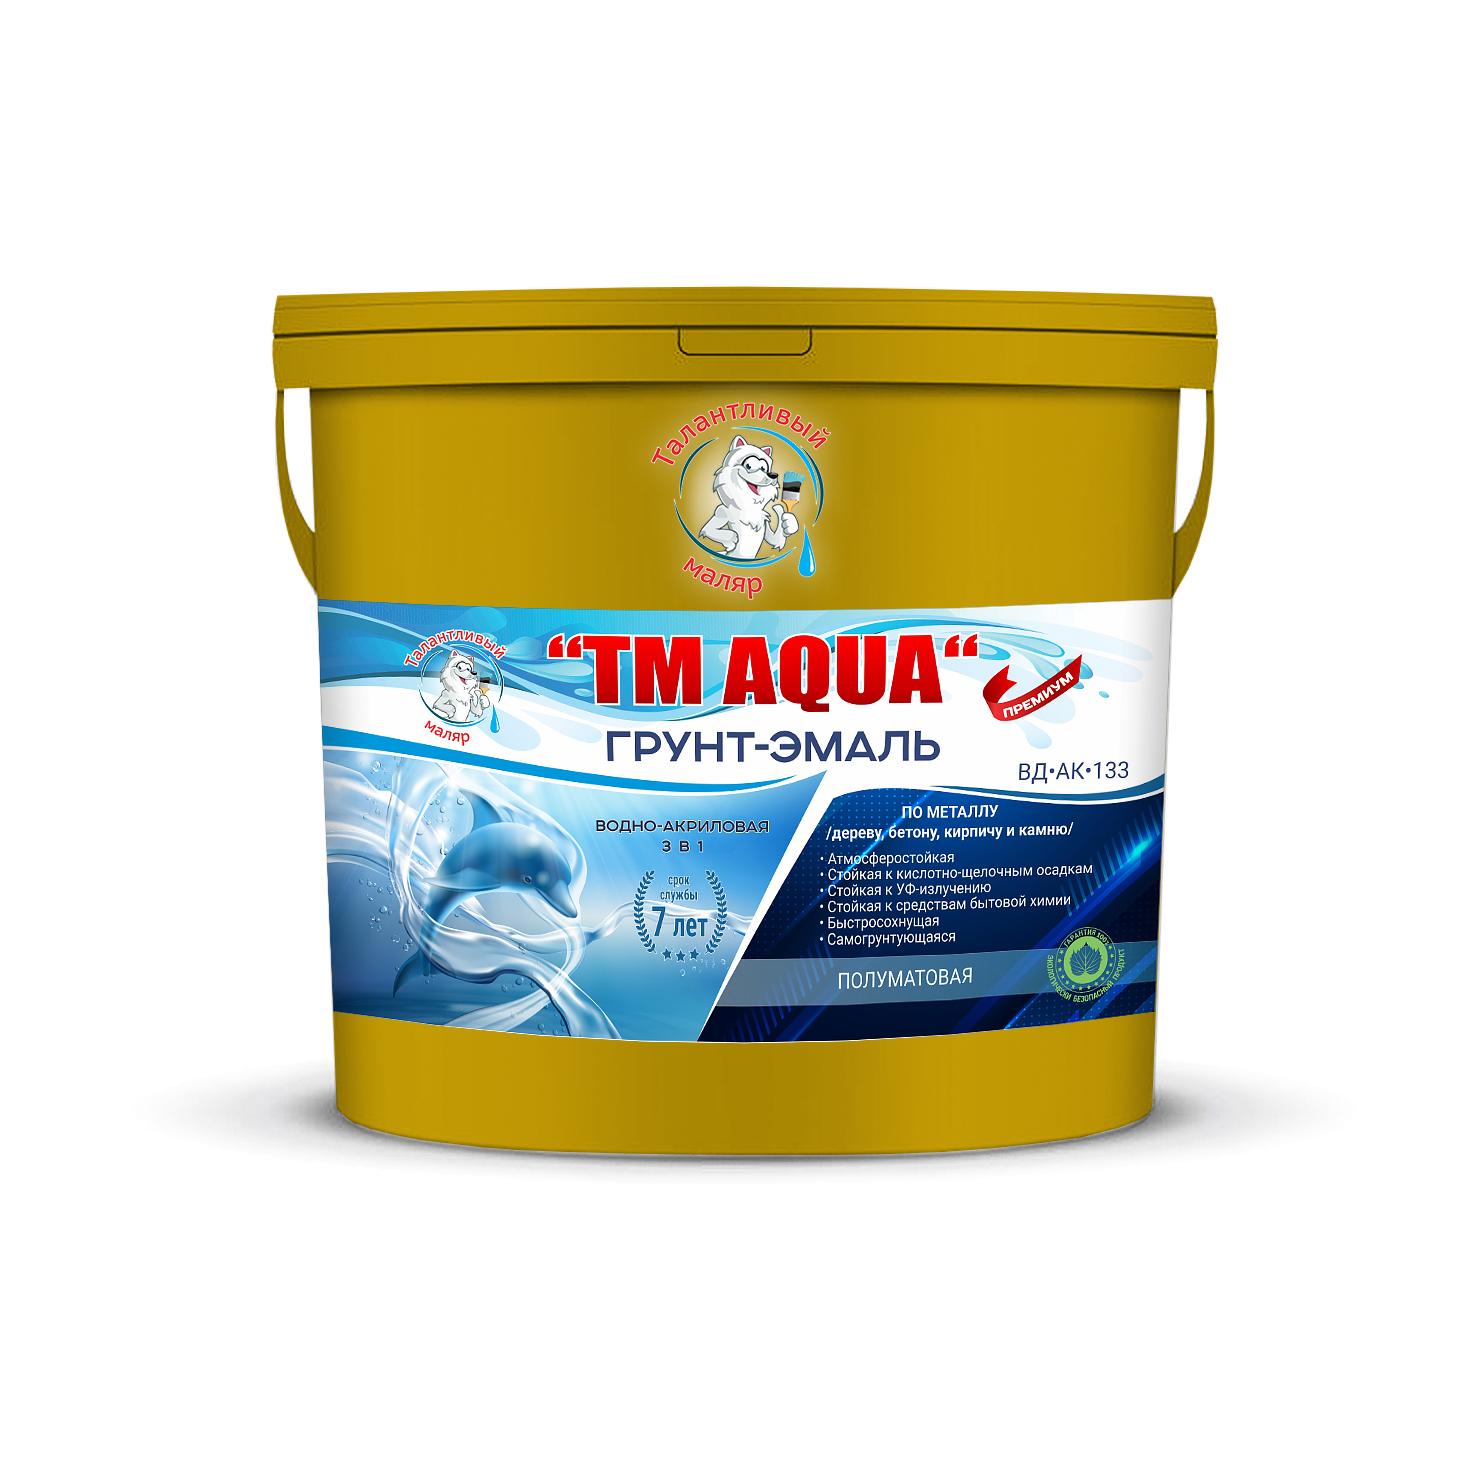 Фото 11 - Грунт-Эмаль 'TM-AQUA' RAL 1005 - Медово-желтый, 3в1 по ржавчине, водно-акриловая, полуматовая, 10кг 'Талантливый Маляр'.